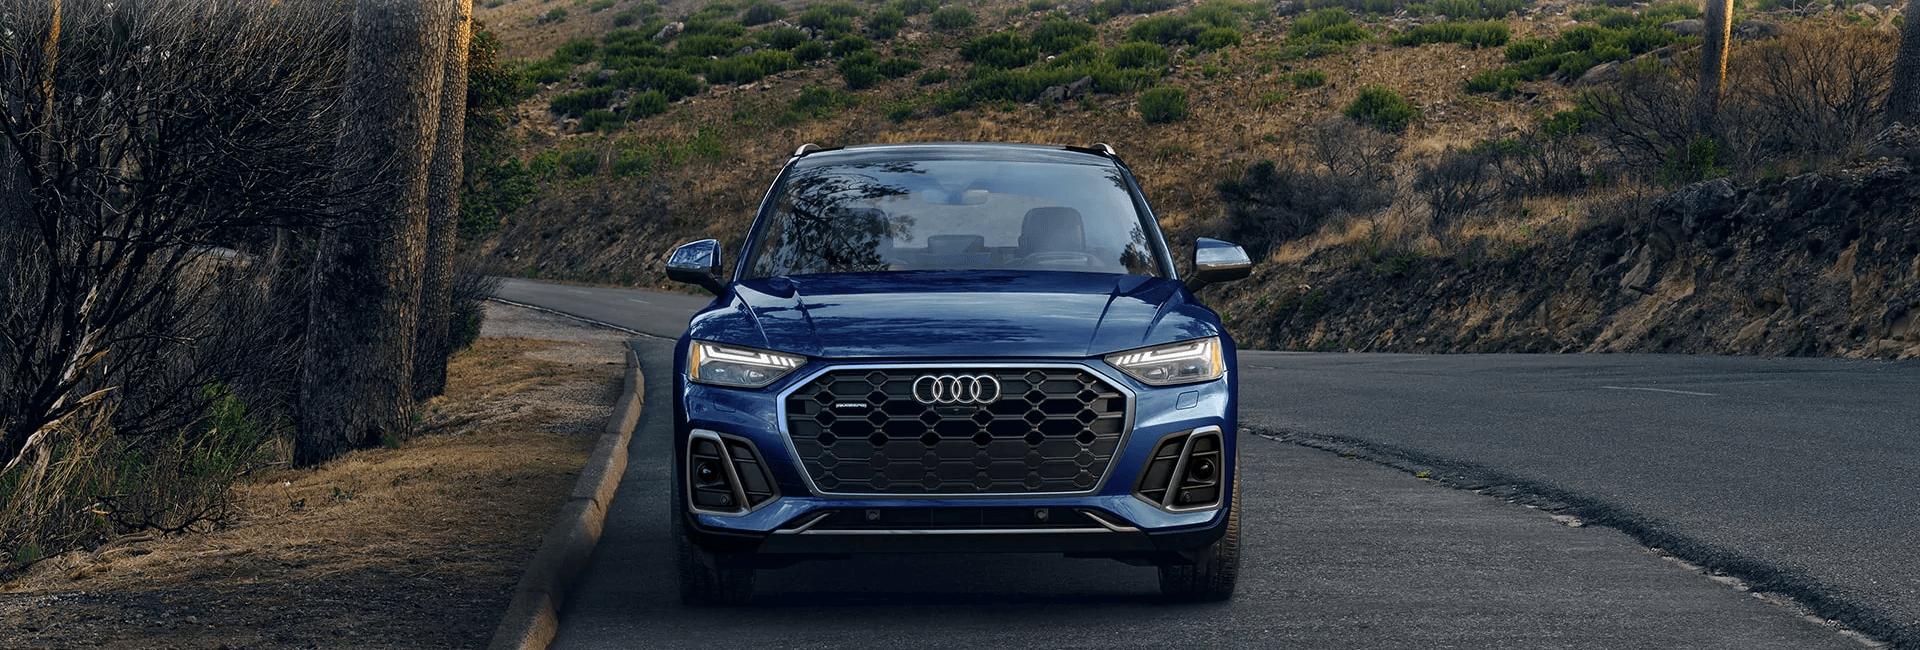 1-2- Hero - 2021 Audi Q5